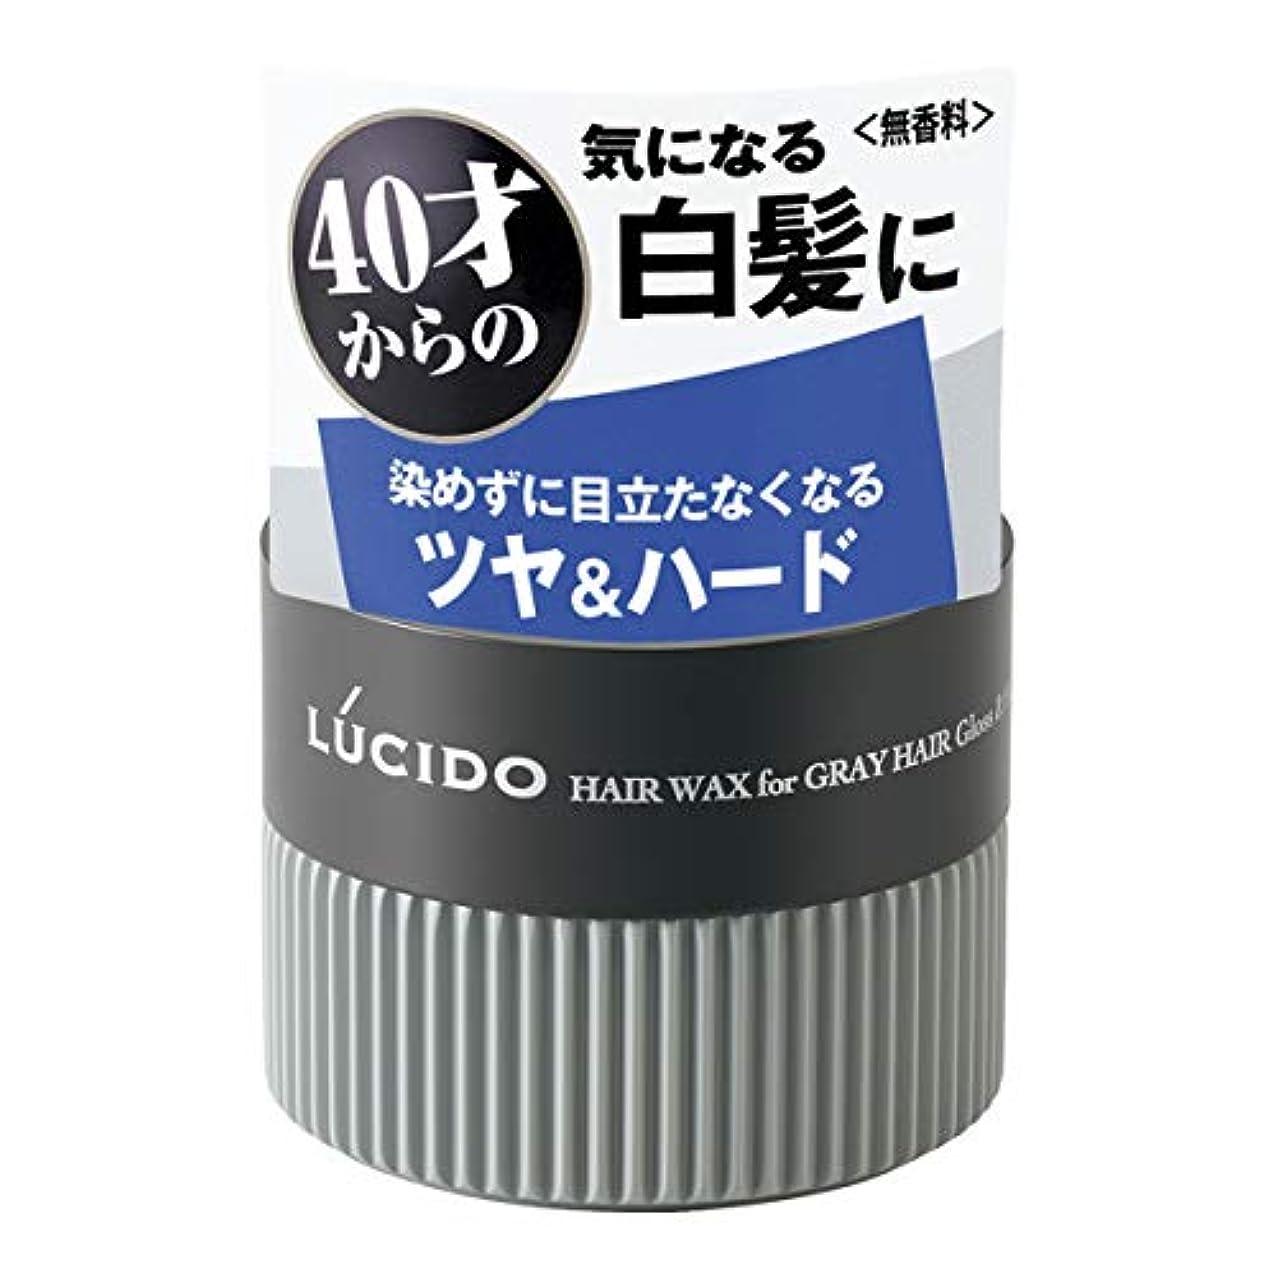 ライオン本当のことを言うと黒LUCIDO(ルシード) ヘアワックス 白髪用ワックス グロス&ハード 80g